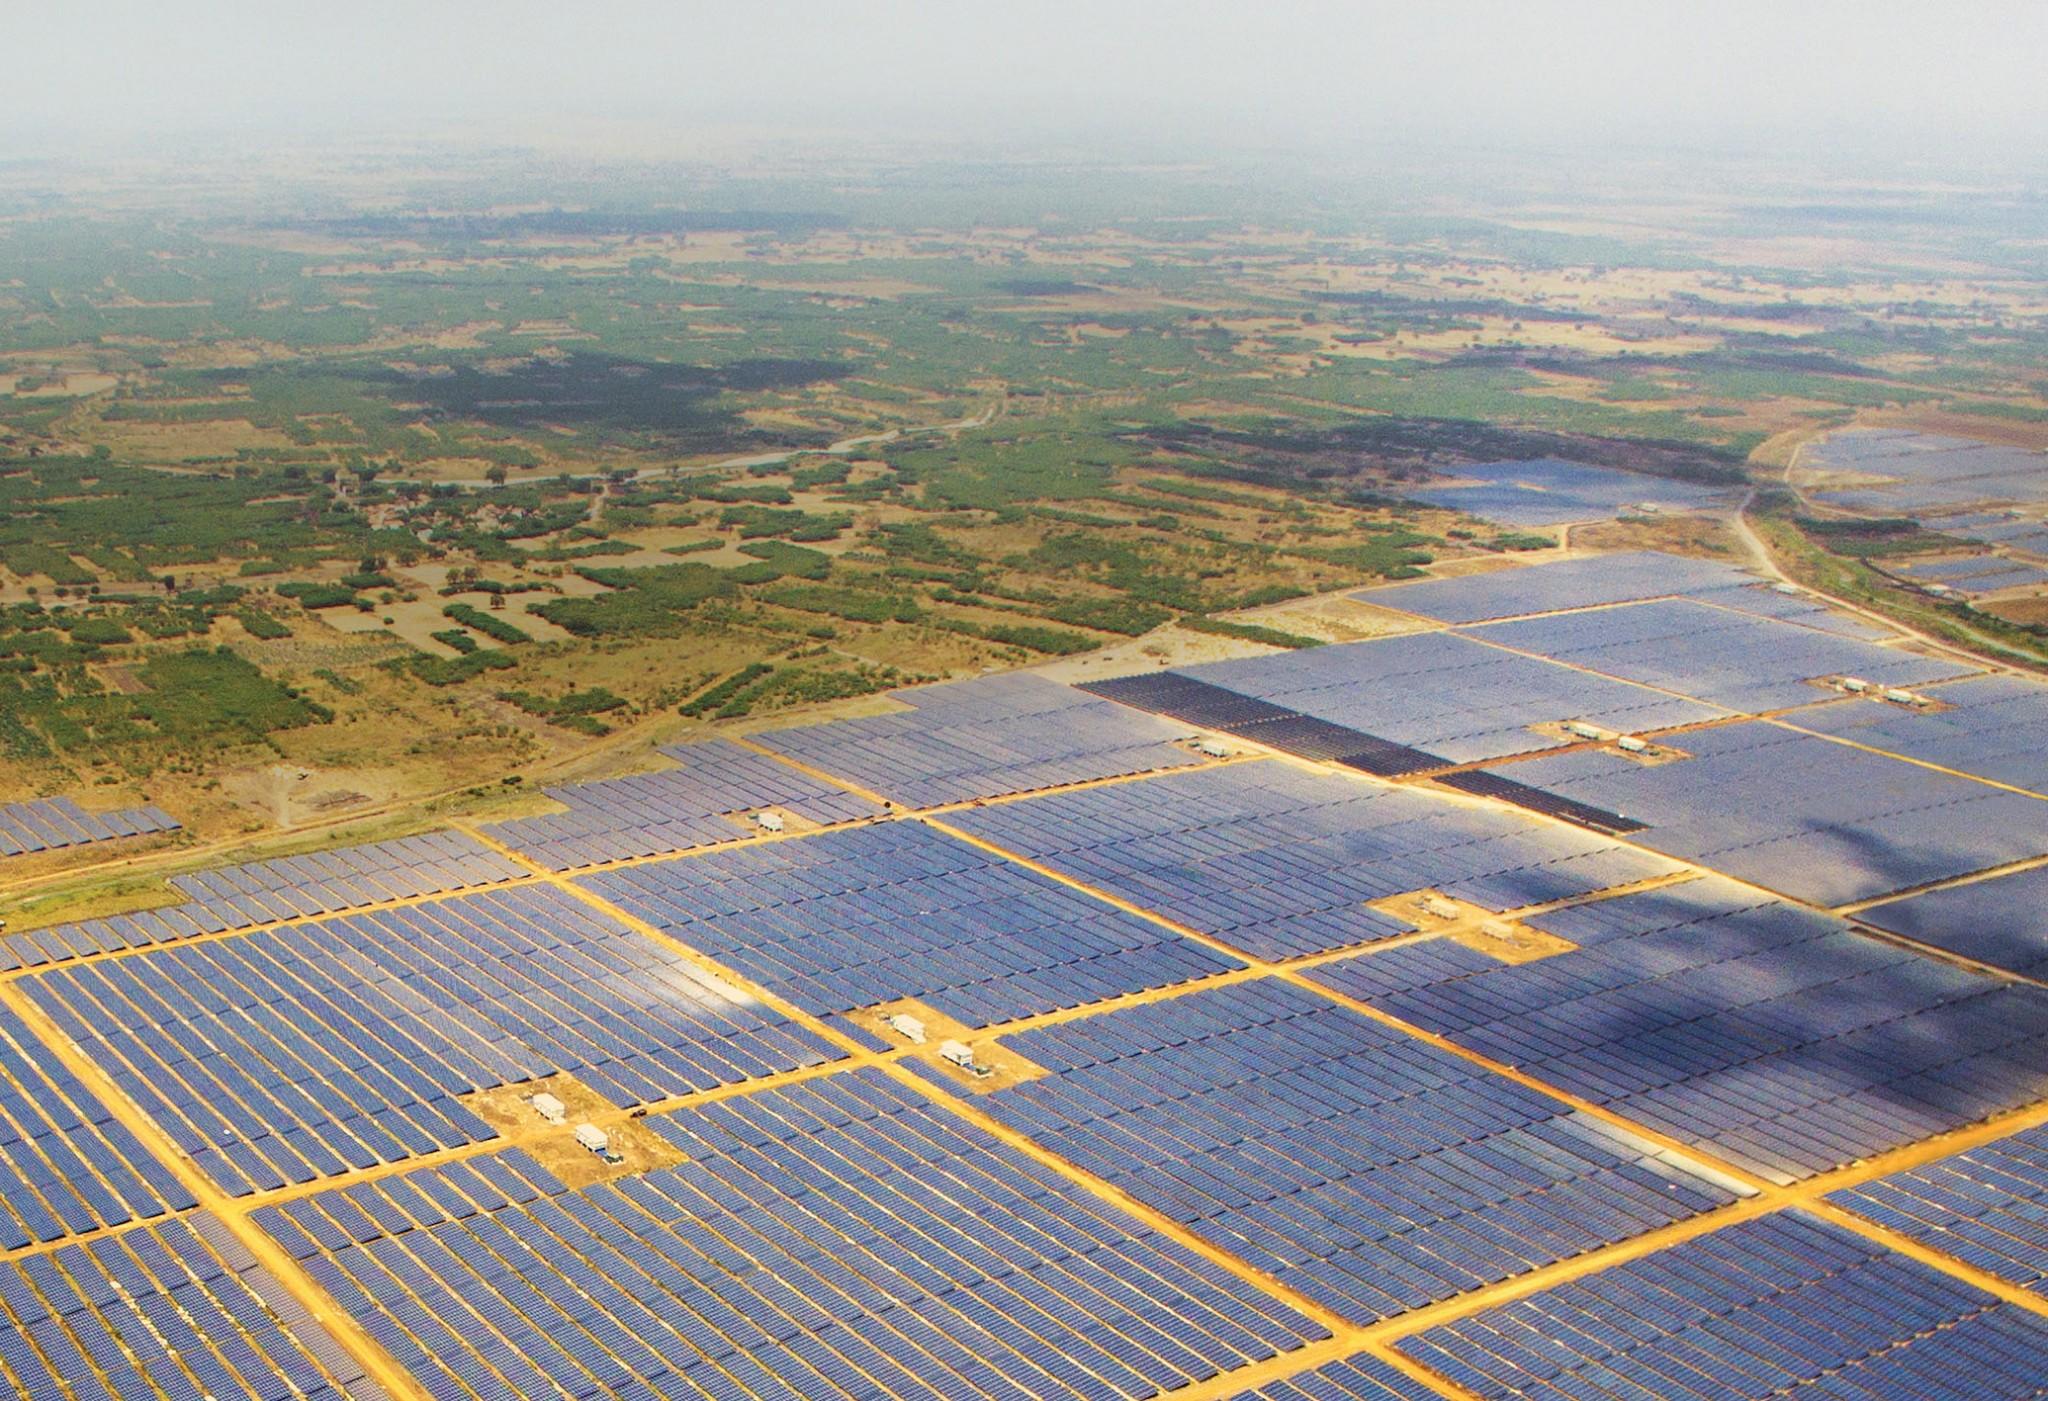 Inde : des capitaux pour réussir la transition énergétique